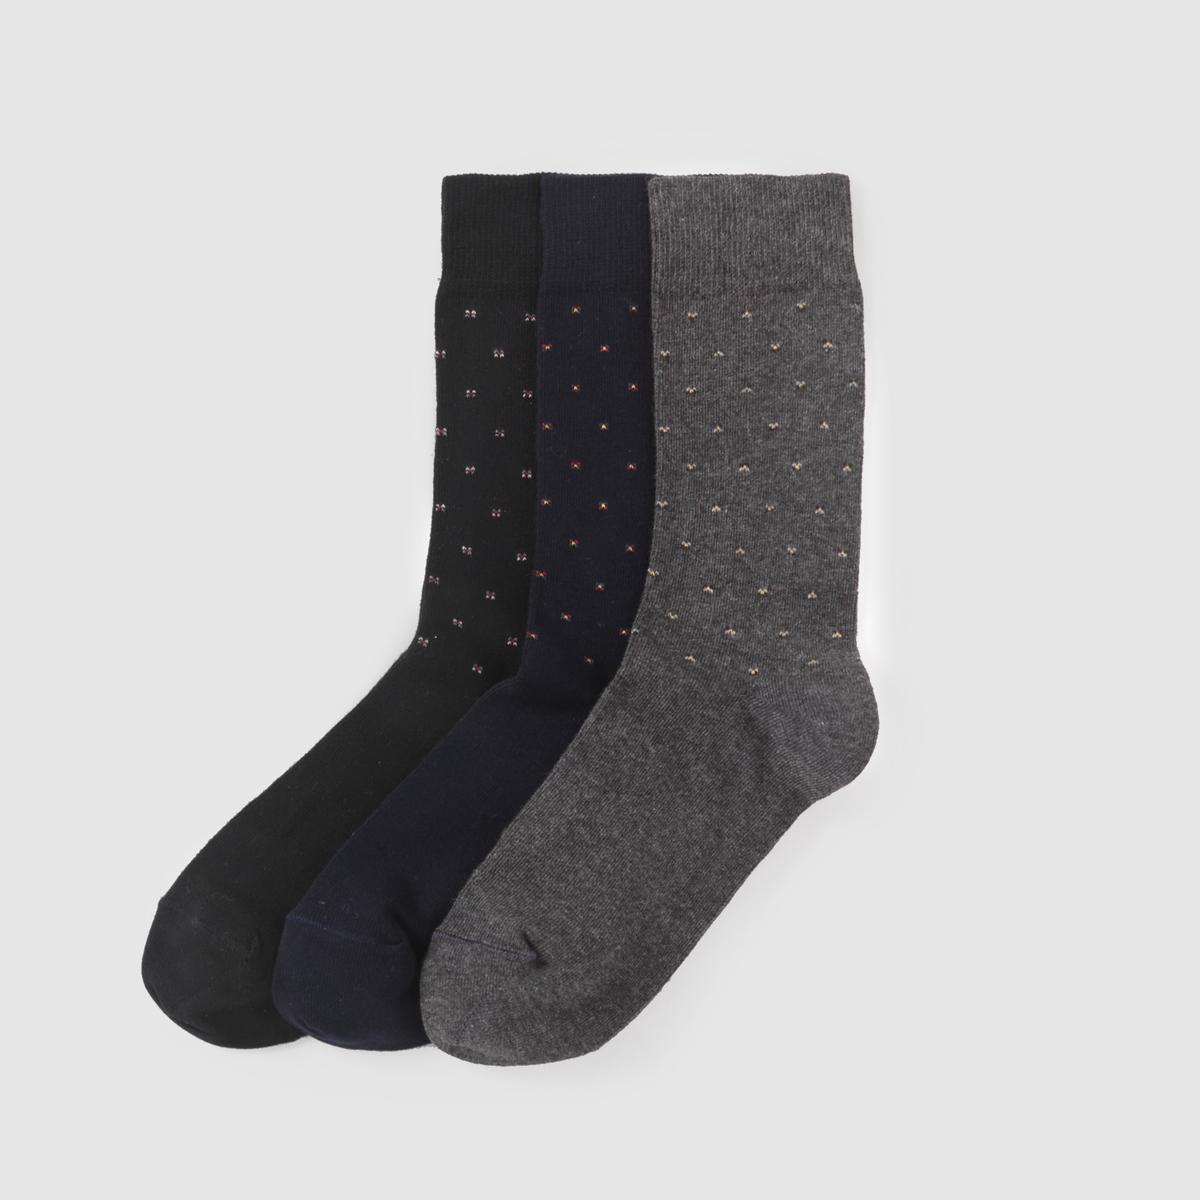 Комплект из 3 пар носковКомплект из 3 пар очень легких носков в горошек. Состав и описание Материал : 80% хлопка, 17% полиамида, 3% эластана          Марка :  R essentiel.<br><br>Цвет: синий + черный + серый<br>Размер: 43/45